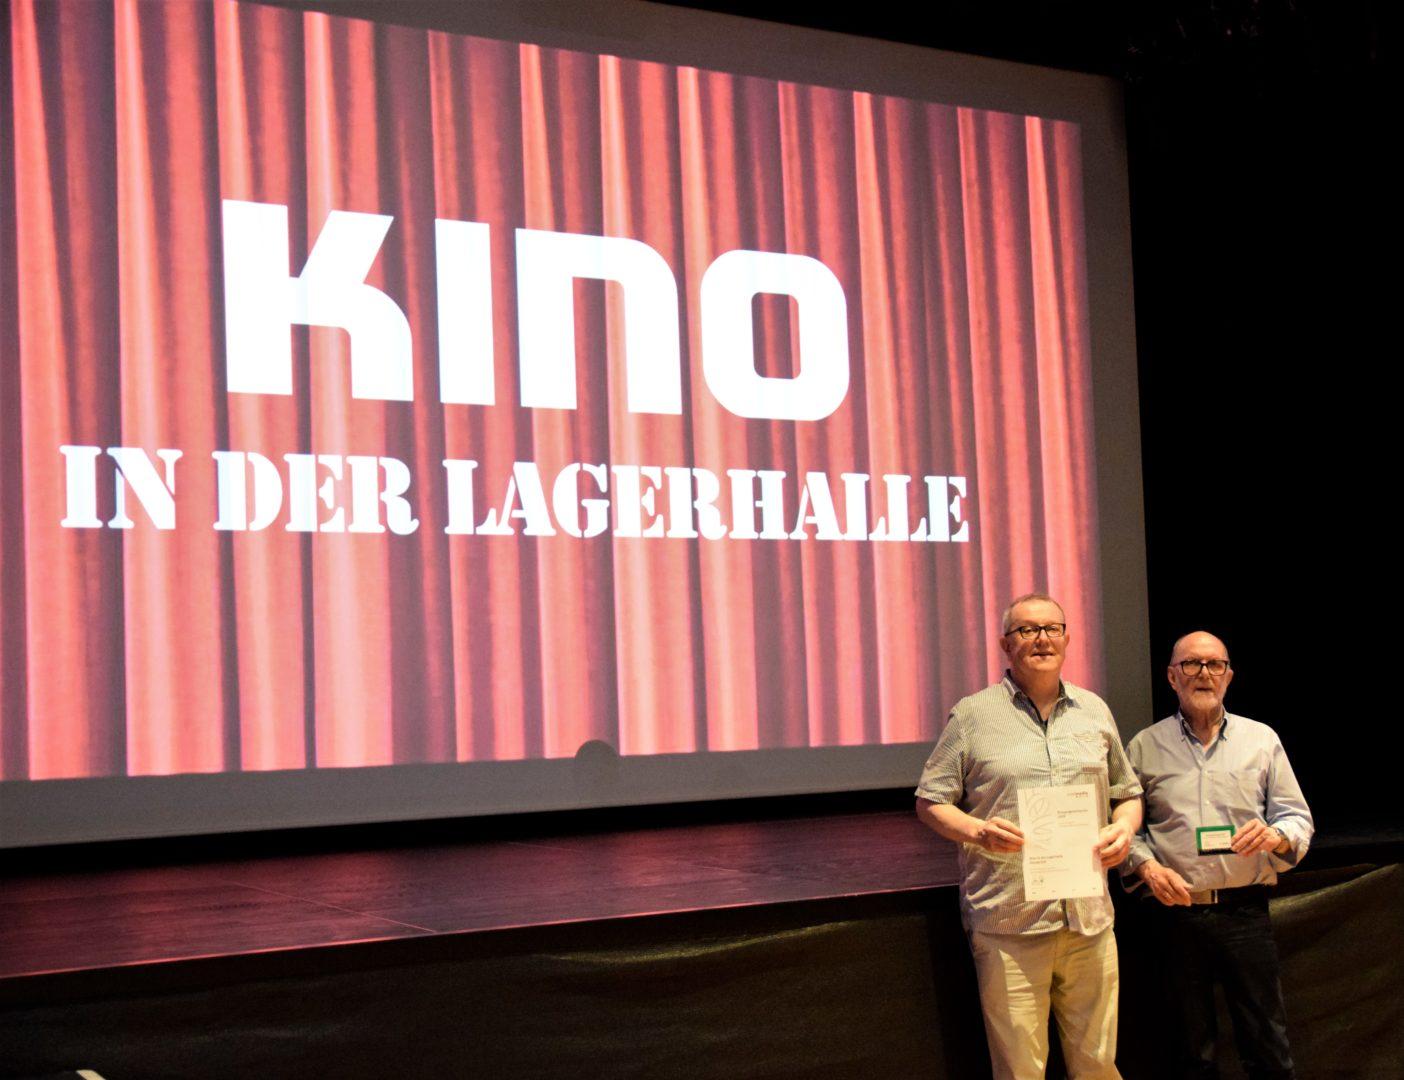 Ausgezeichnetes Kino in der LAGERHALLE